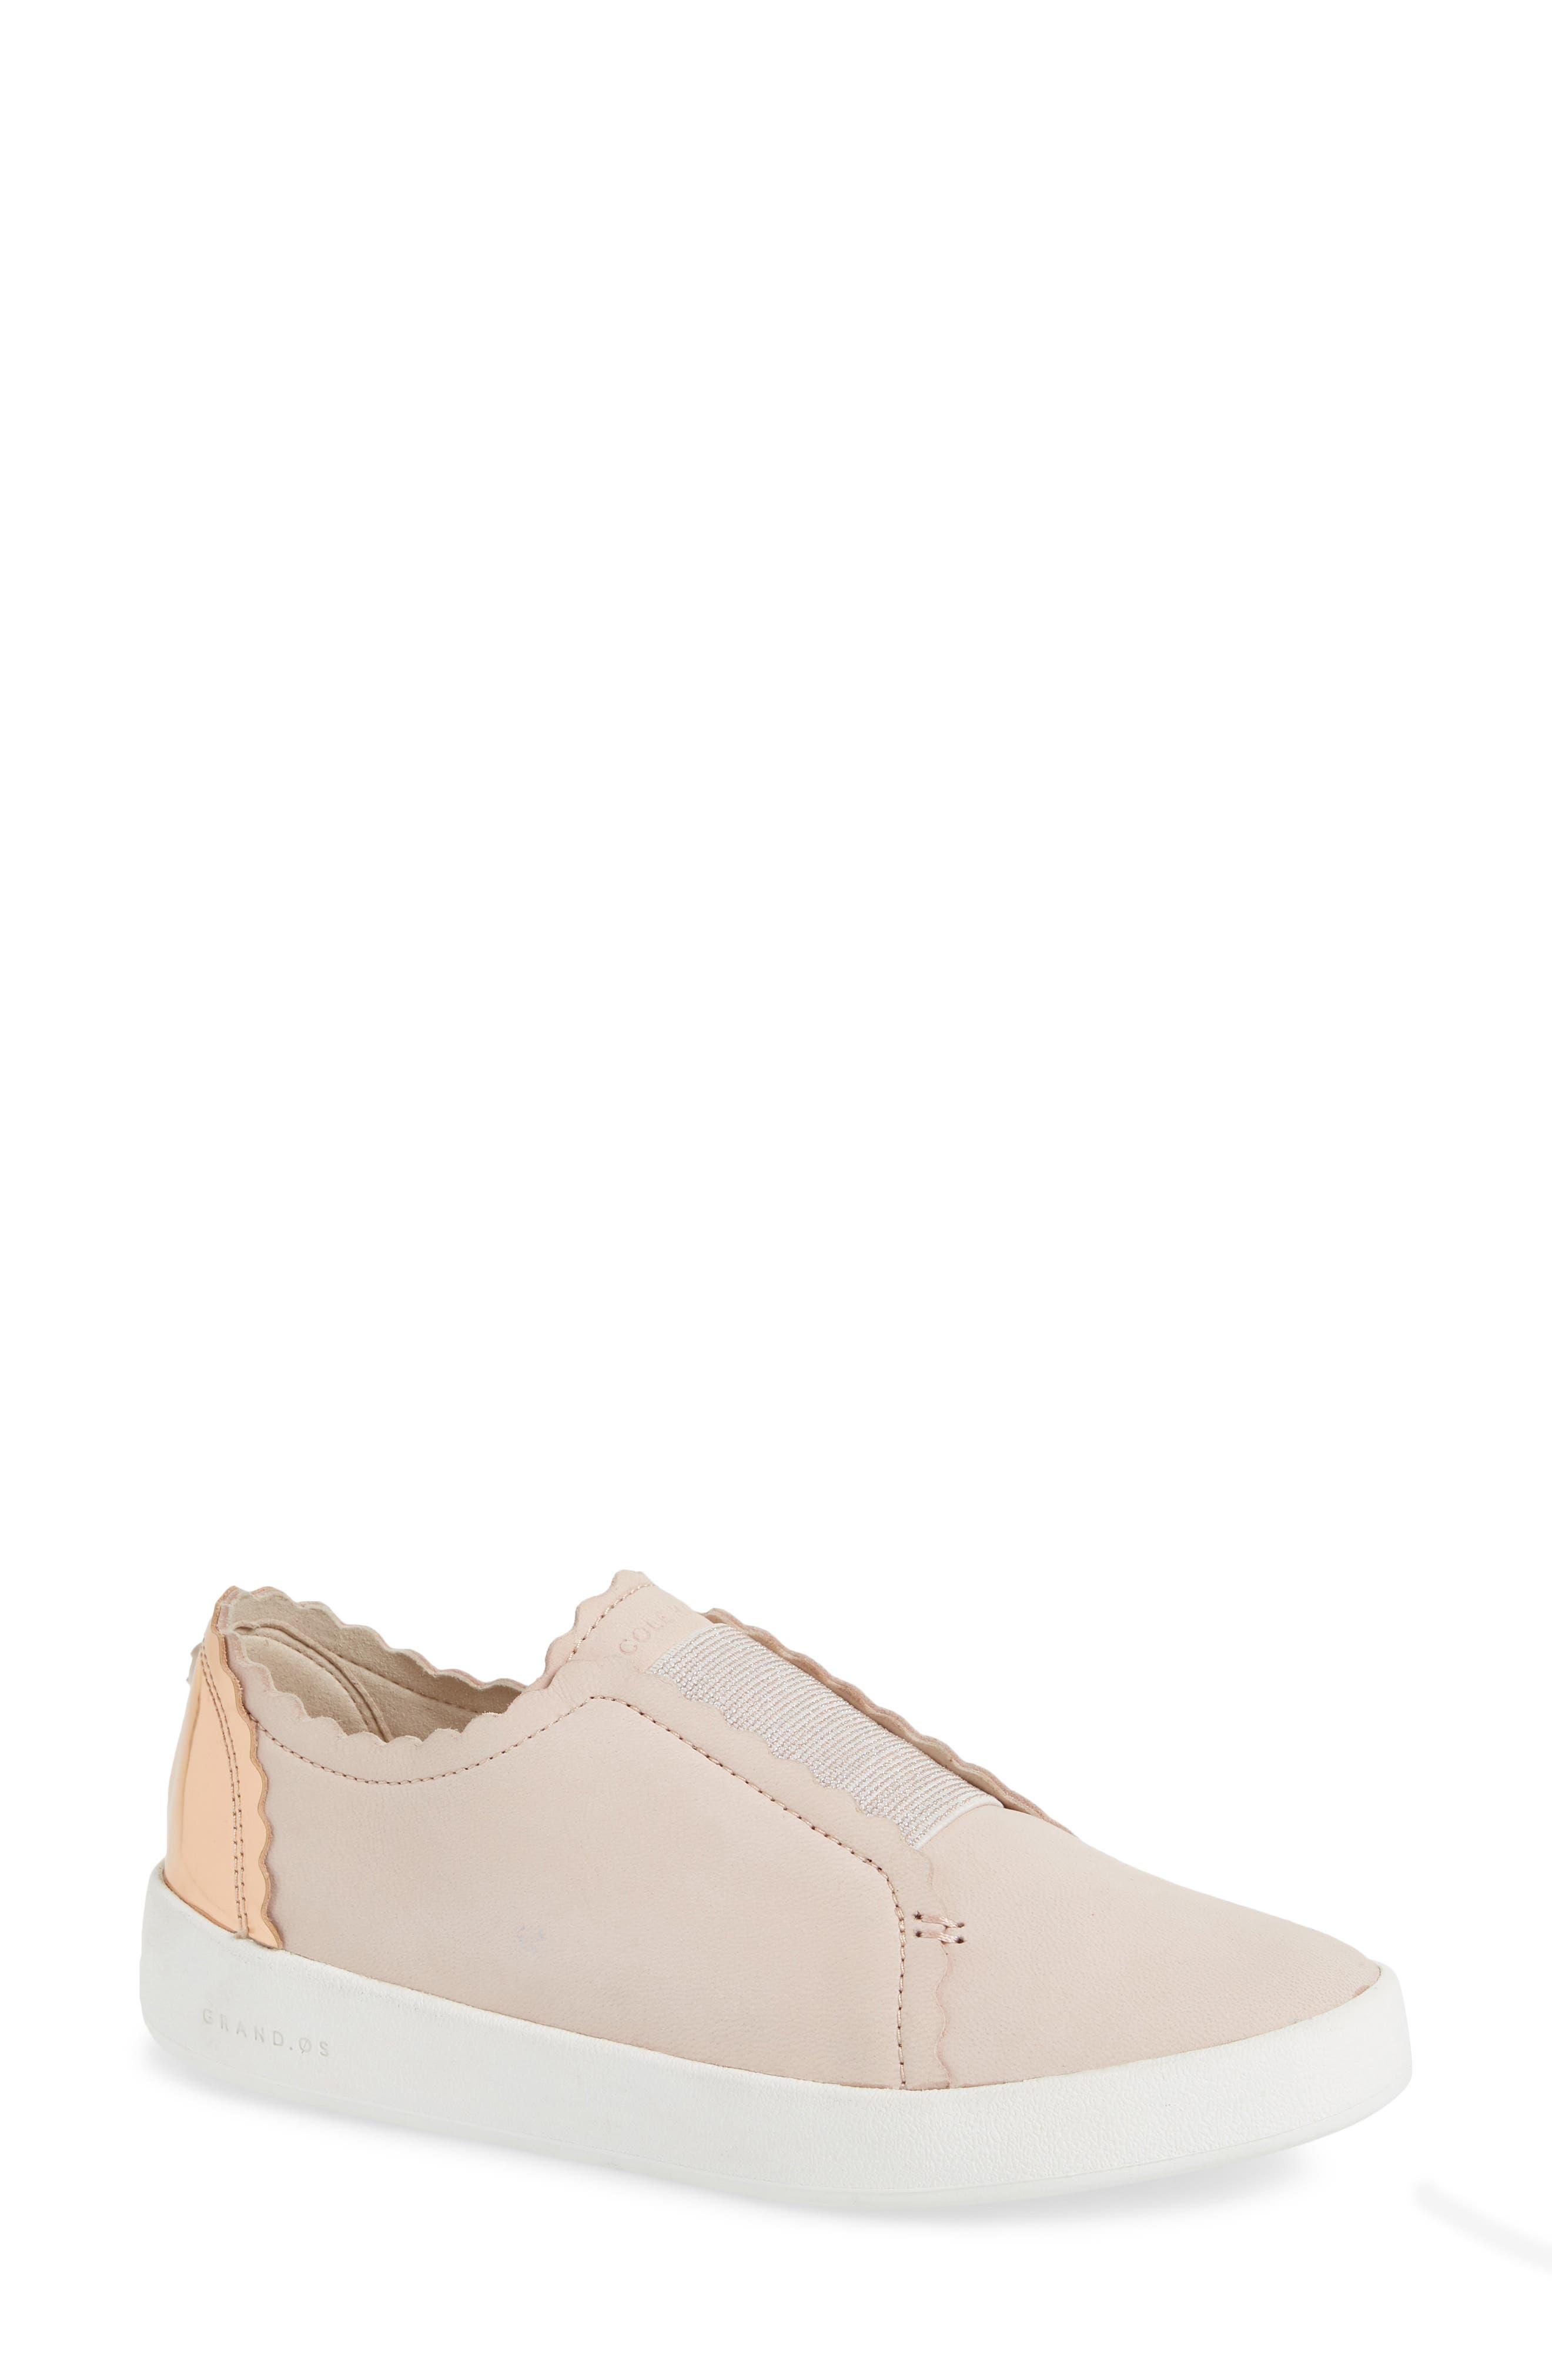 GrandPro Spectator Scalloped Slip-On Sneaker,                         Main,                         color, 651